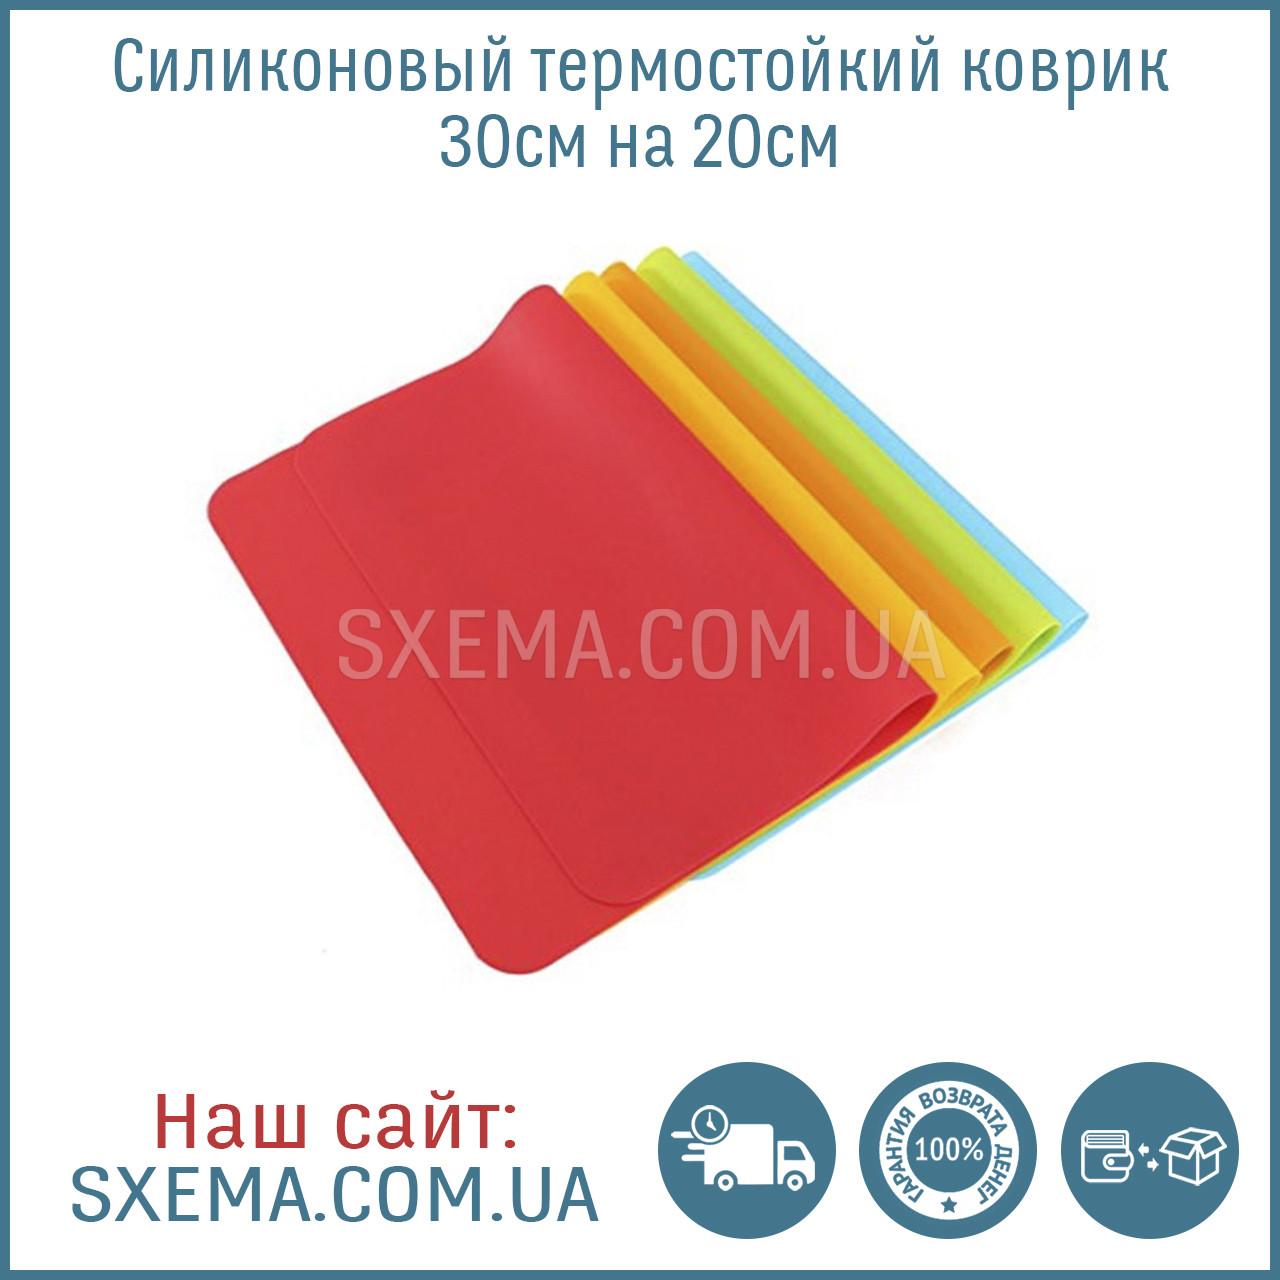 Силиконовый термостойкий коврик для пайки и разборки электроники 30см на 20см